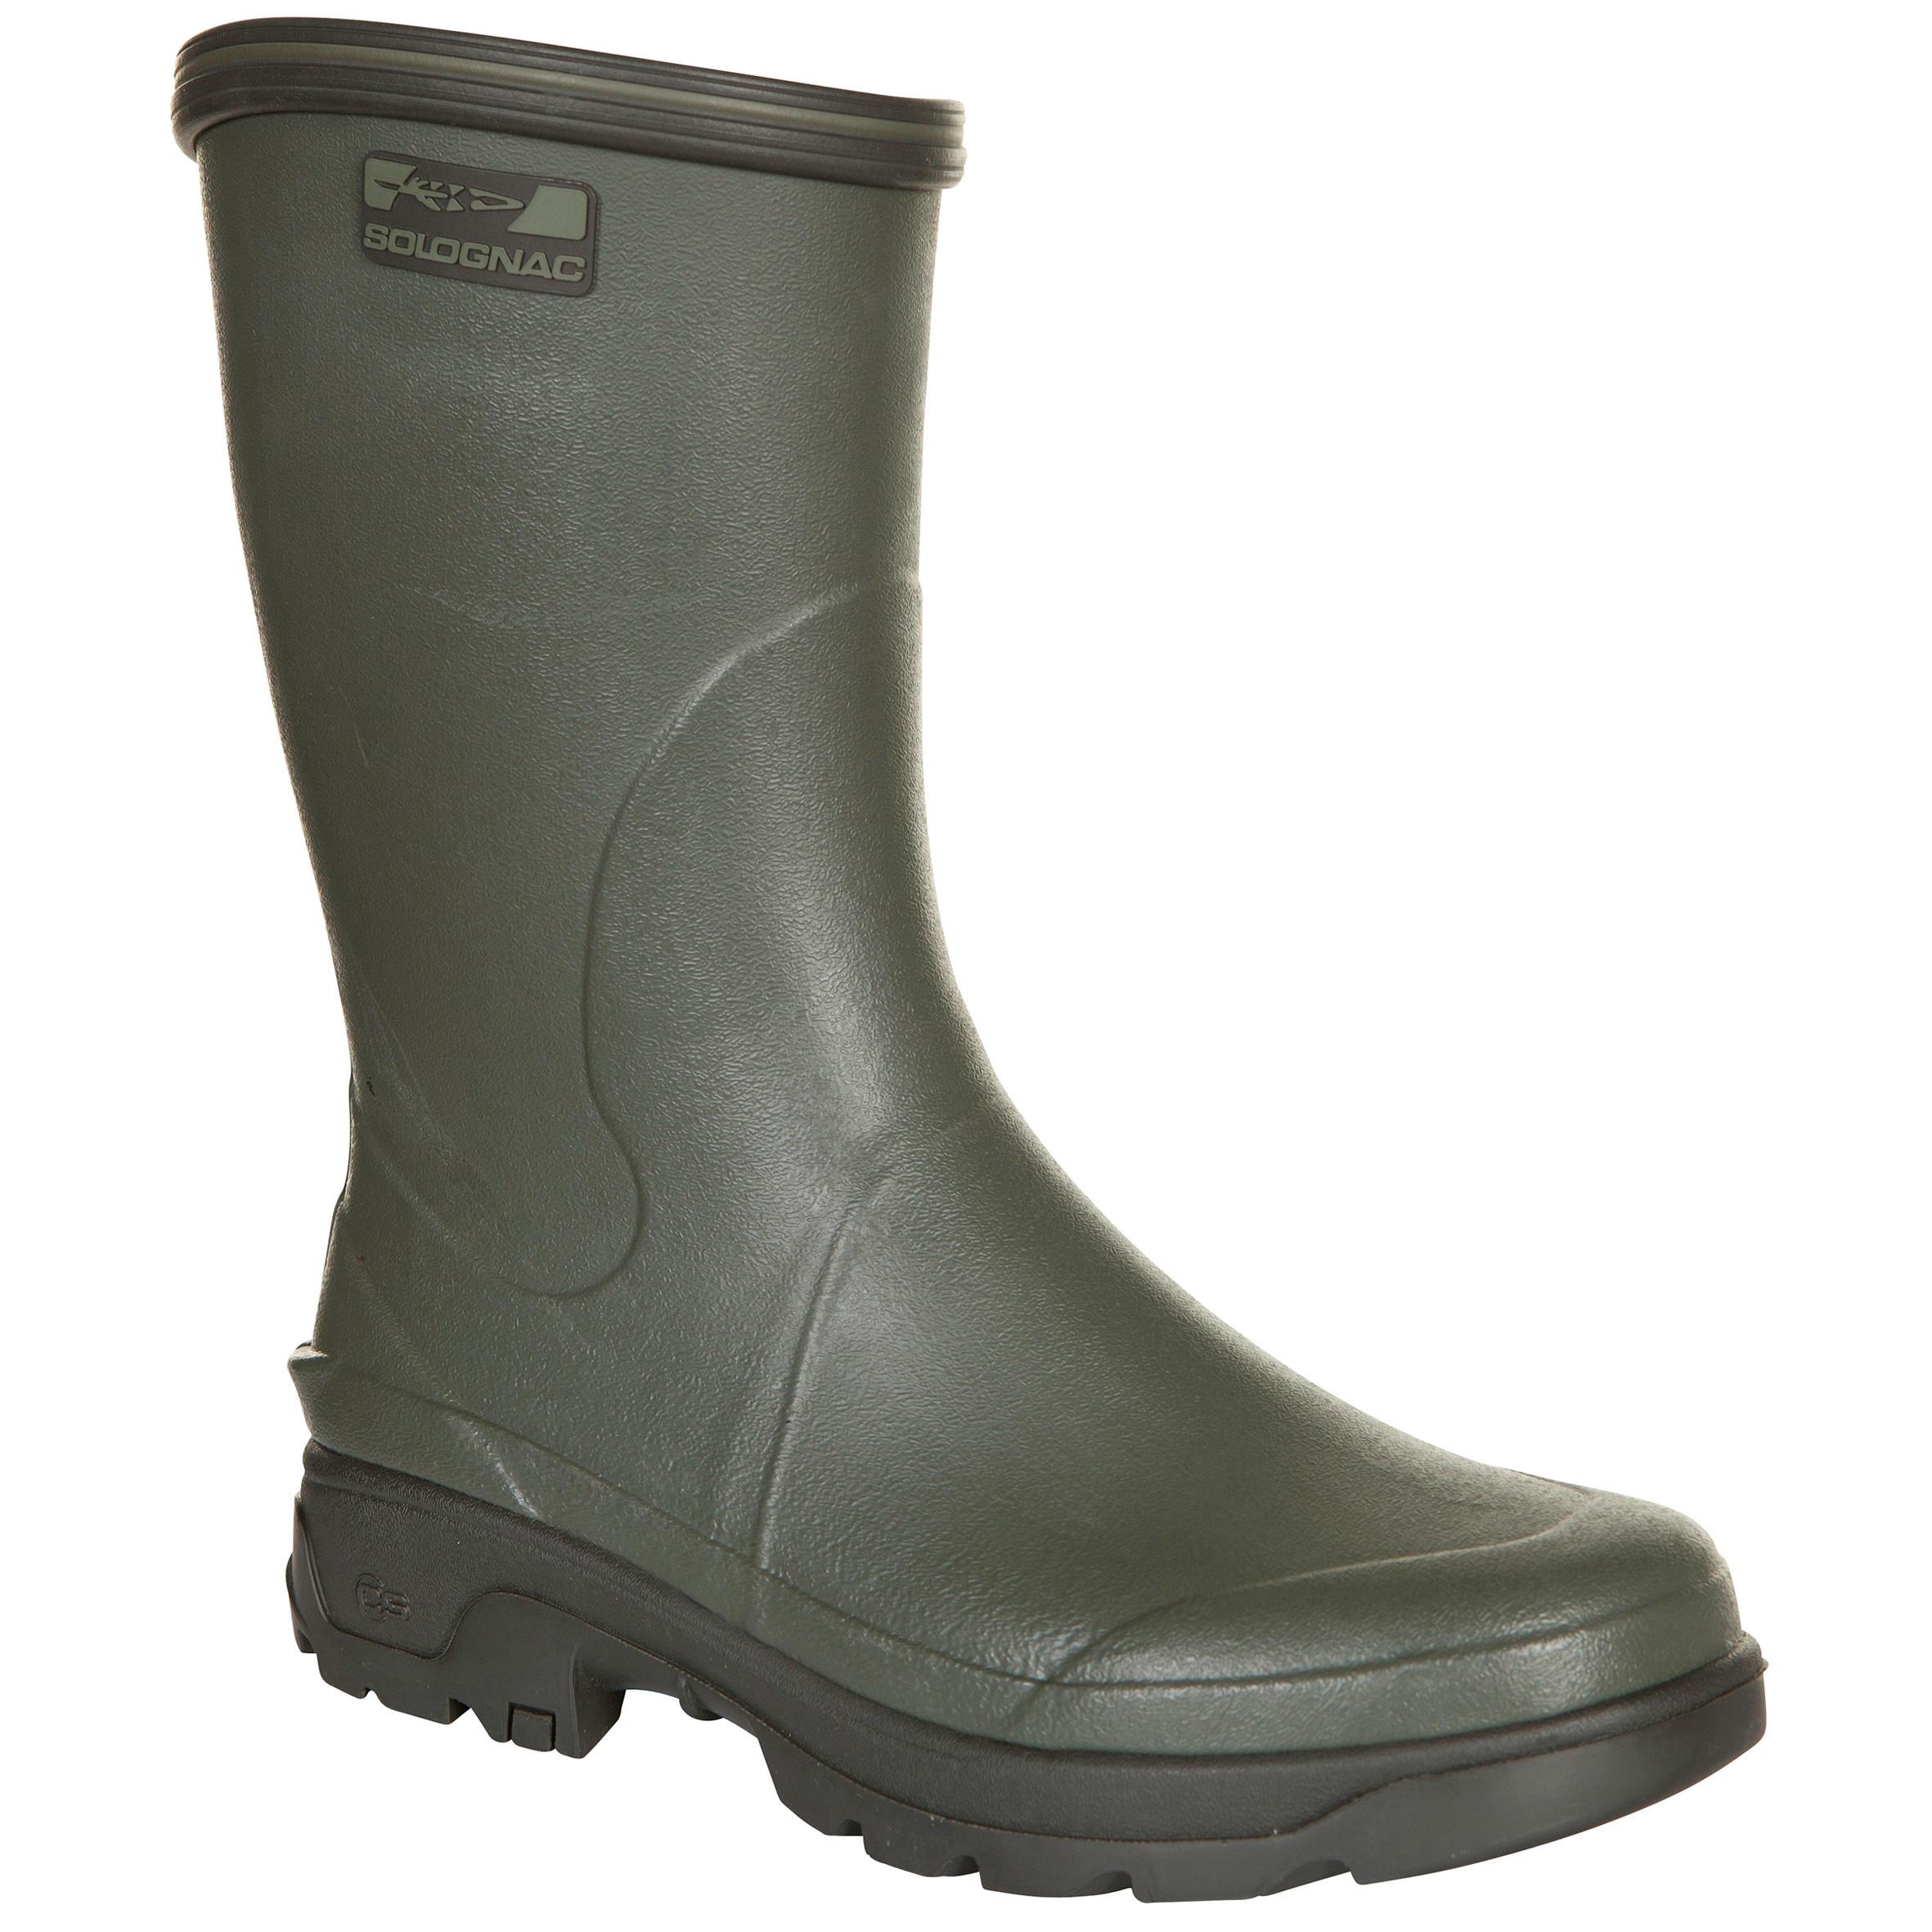 Herren Winter-Jagdstiefel Inverness 300 Gummistiefel grün | 03583788856573